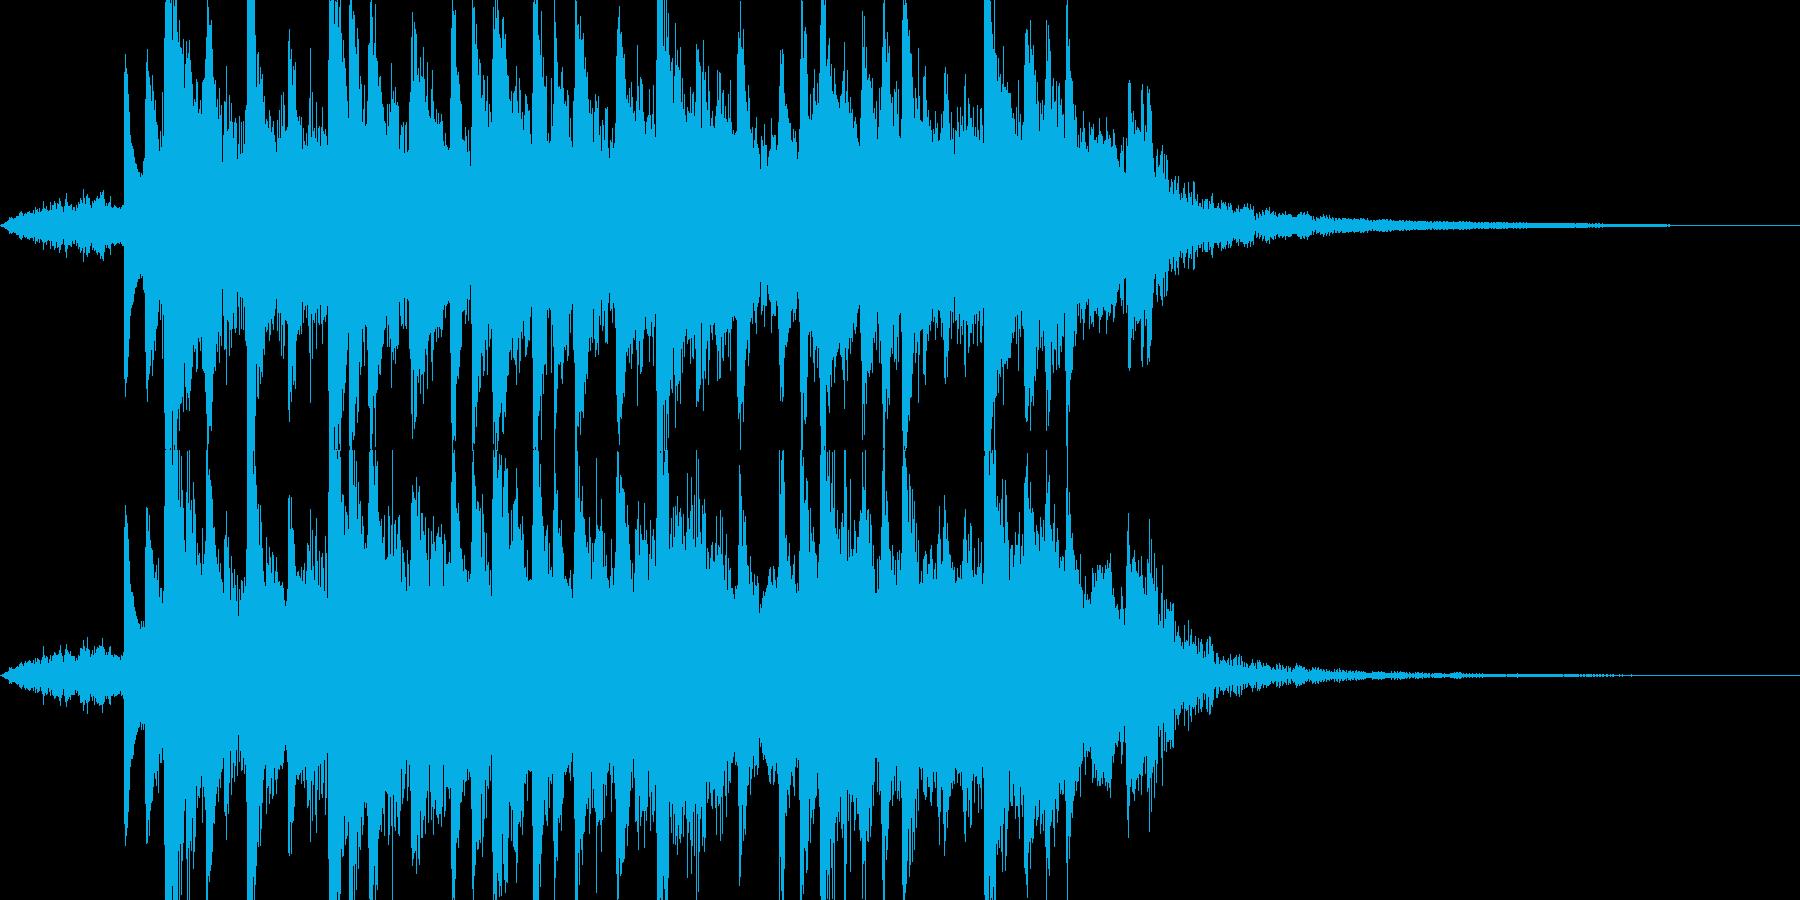 太鼓、琴、弦の和風ジングルの再生済みの波形